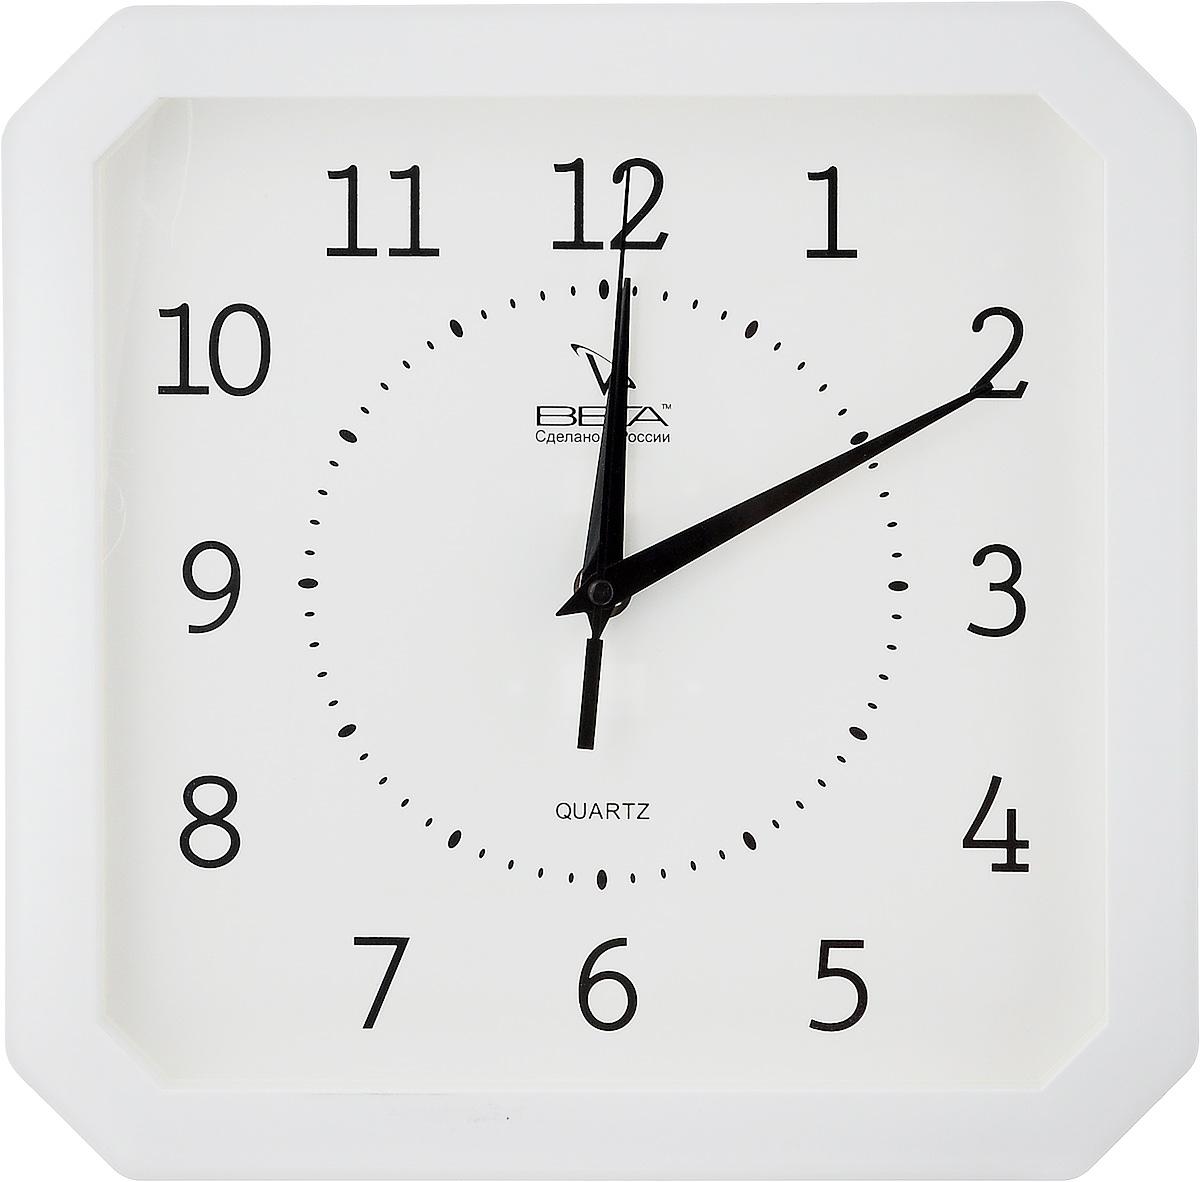 Часы настенные Вега Классика, цвет: белый, 27,5 х 27,5 смП4-7/7-19Настенные кварцевые часы Вега Классика,изготовленные изпластика, прекрасно впишутся в интерьер вашего дома.Часыимеют три стрелки: часовую, минутную исекундную, циферблат защищен прозрачным стеклом. Часы работают от 1 батарейки типа АА напряжением 1,5 В(невходит в комплект).